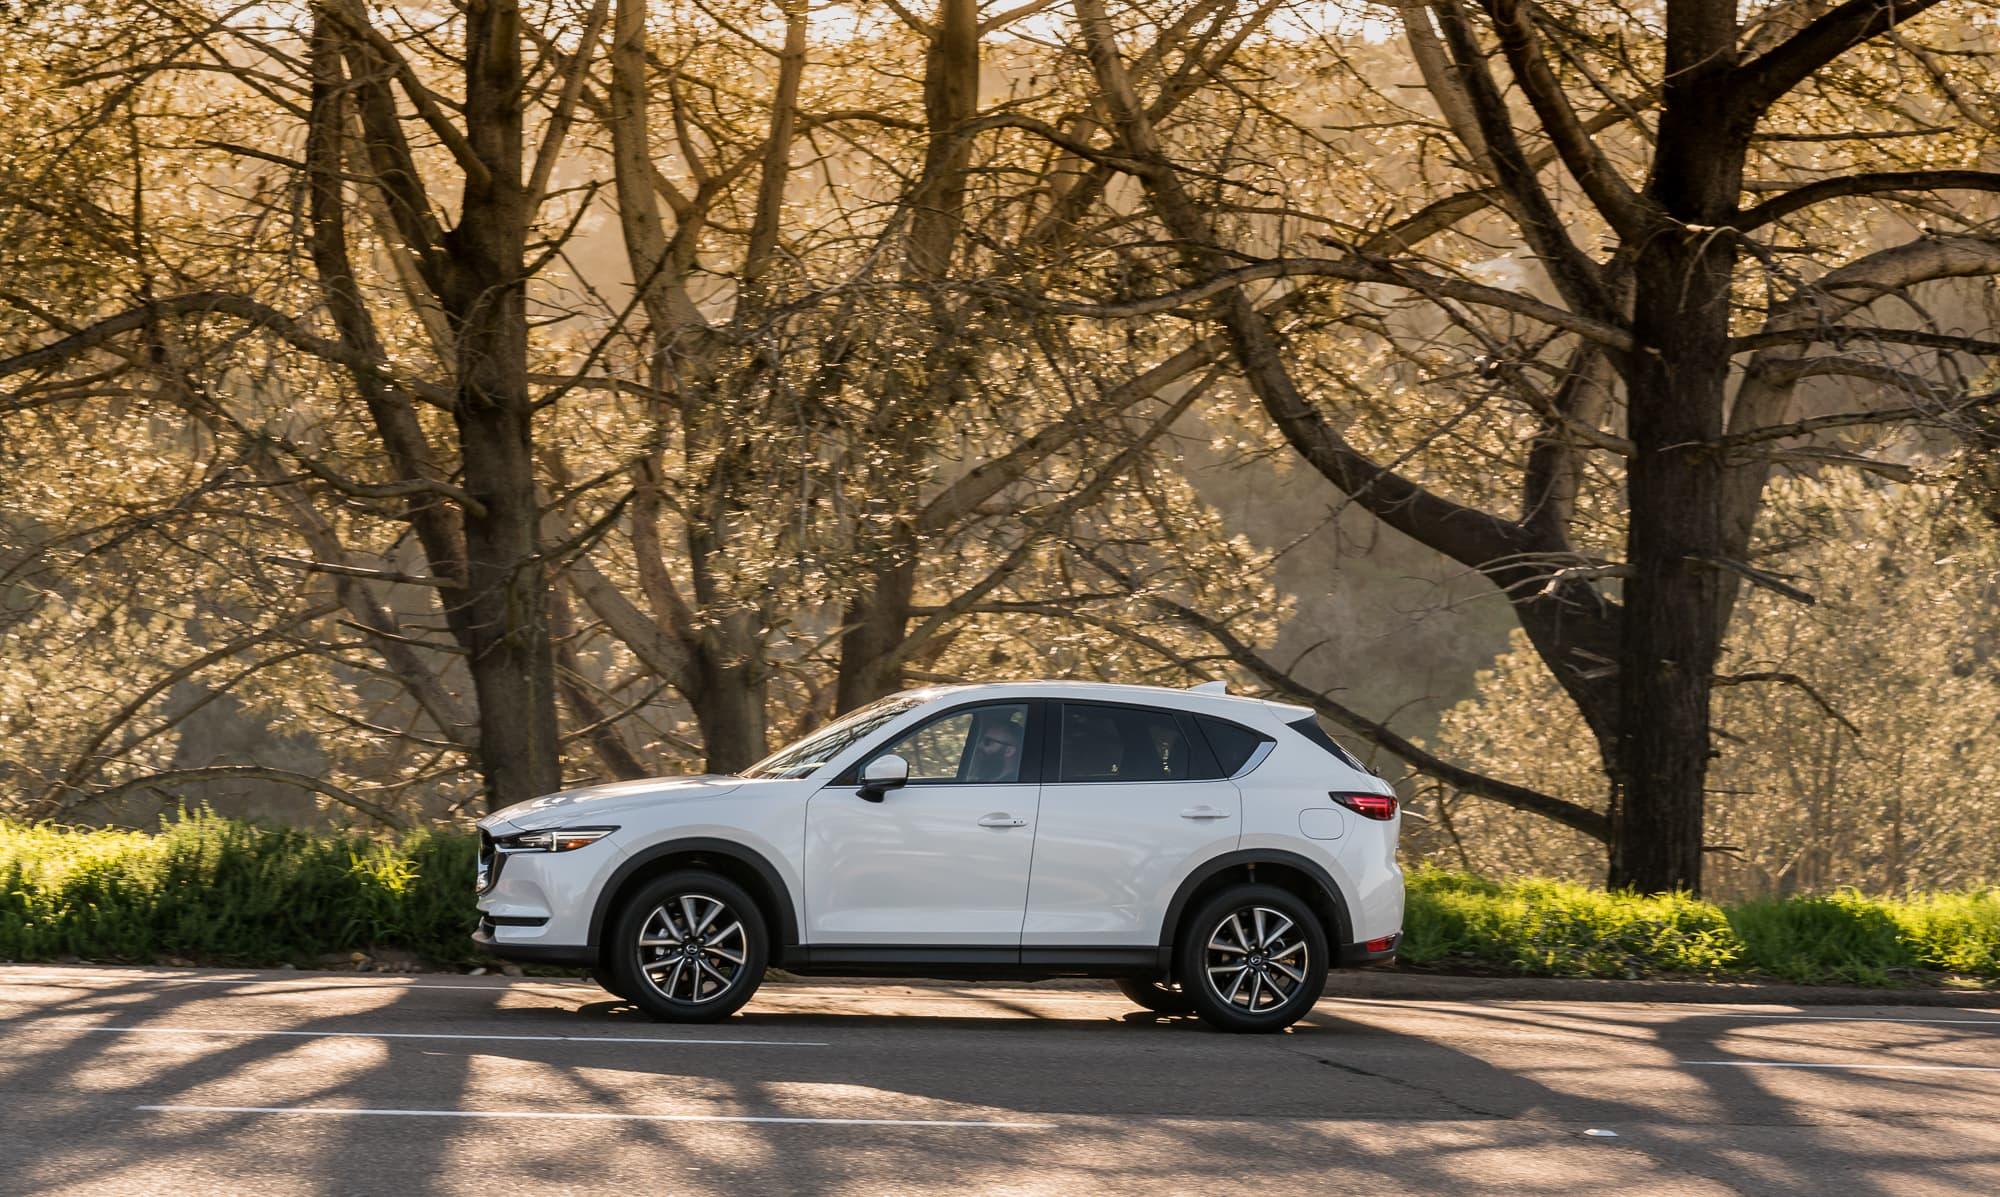 https://fm.cnbc.com/applications/cnbc.com/resources/img/editorial/2017/06/23/104547643-2017-Mazda-CX-5-7.jpg?v=1498223771